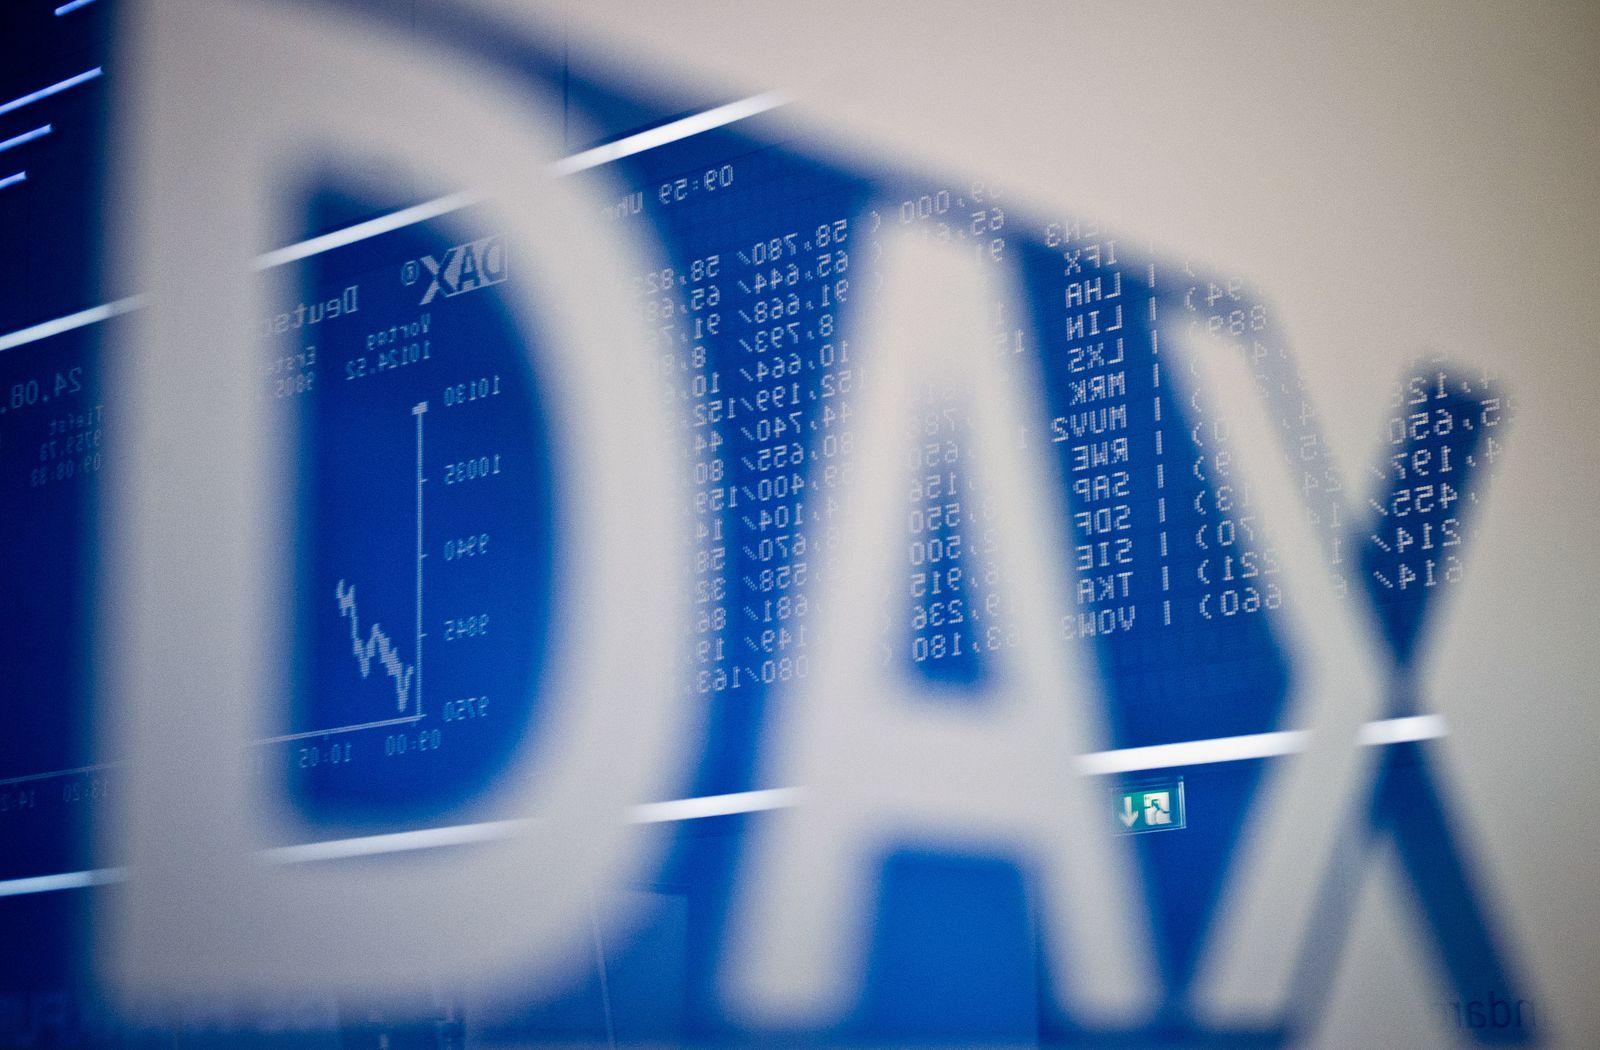 Handelssaal der Börse / Dax / Frankfurt